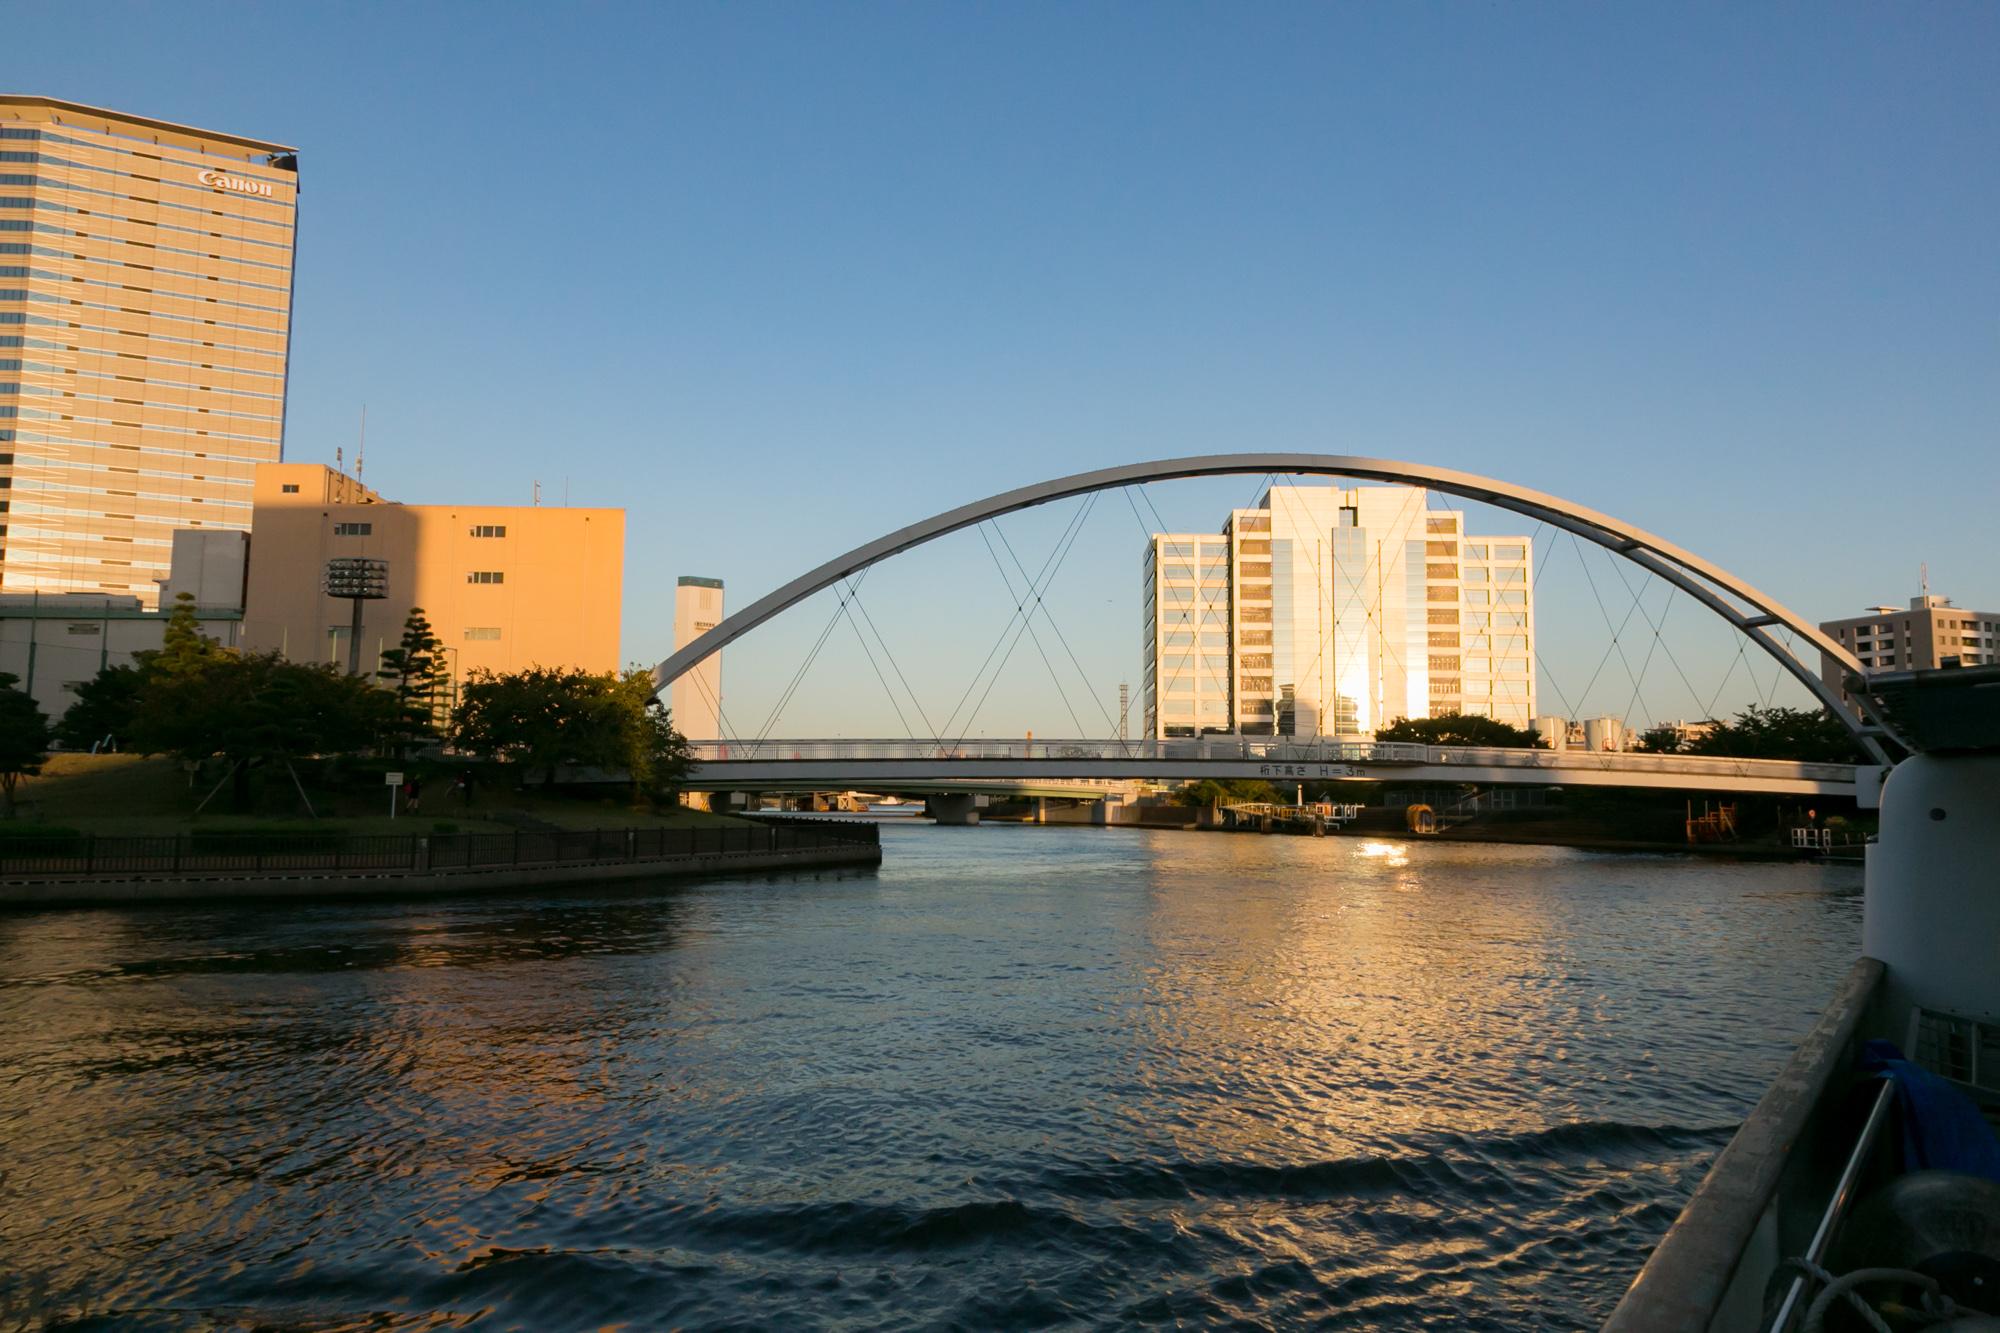 河川上から眺める橋と町並み